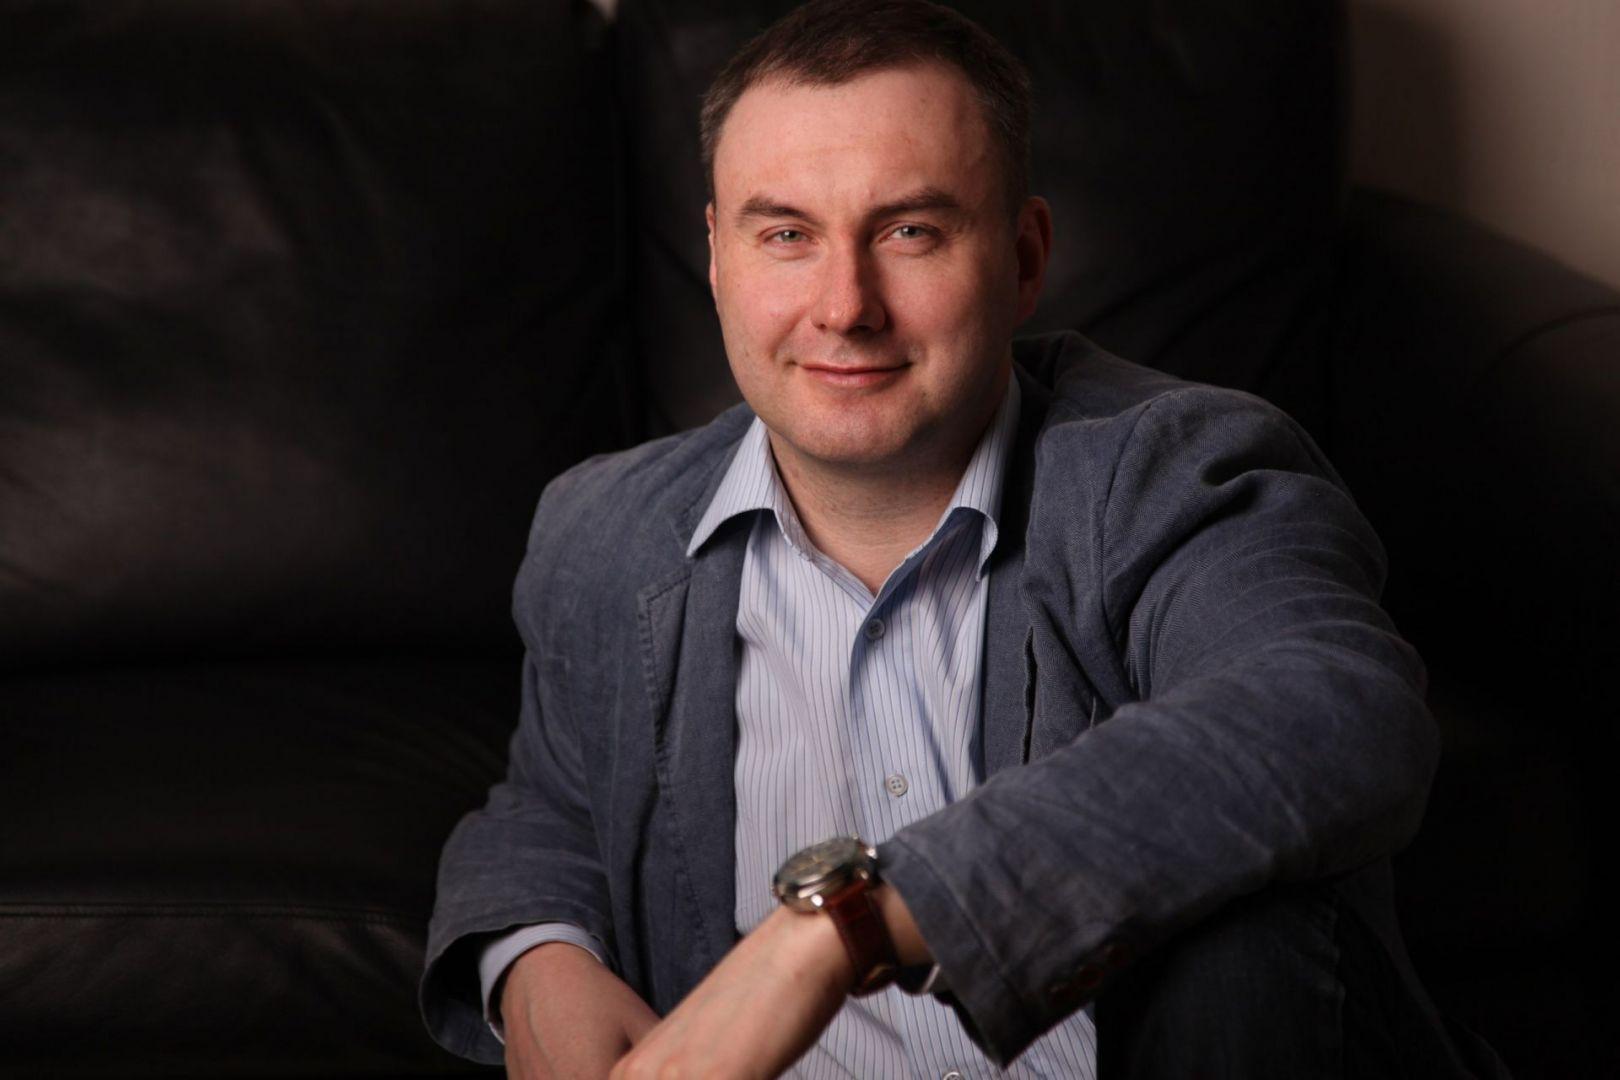 ВМинске схвачен русский психолог Михаил Козлов